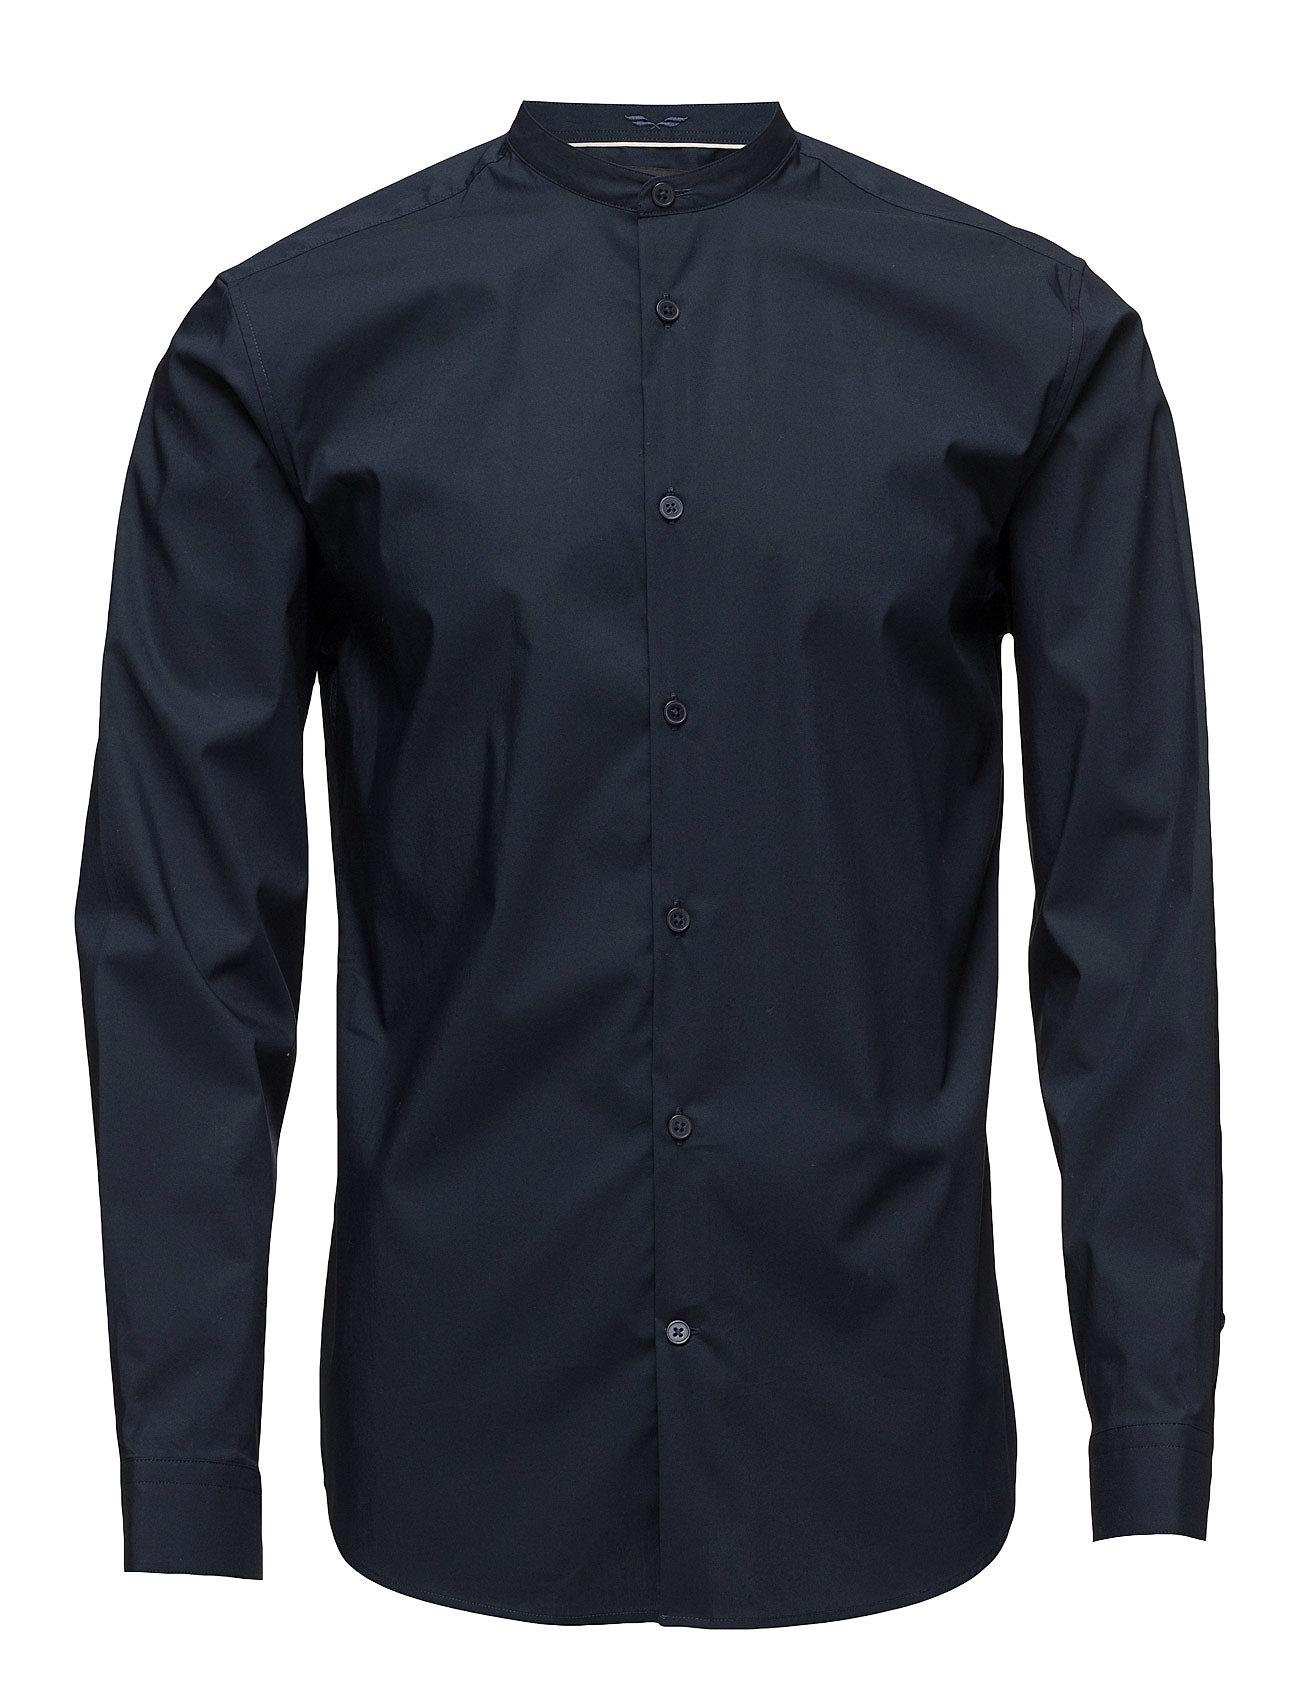 Abonechina Shirt Ls Selected Homme Trøjer til Mænd i Mørk Sapphire